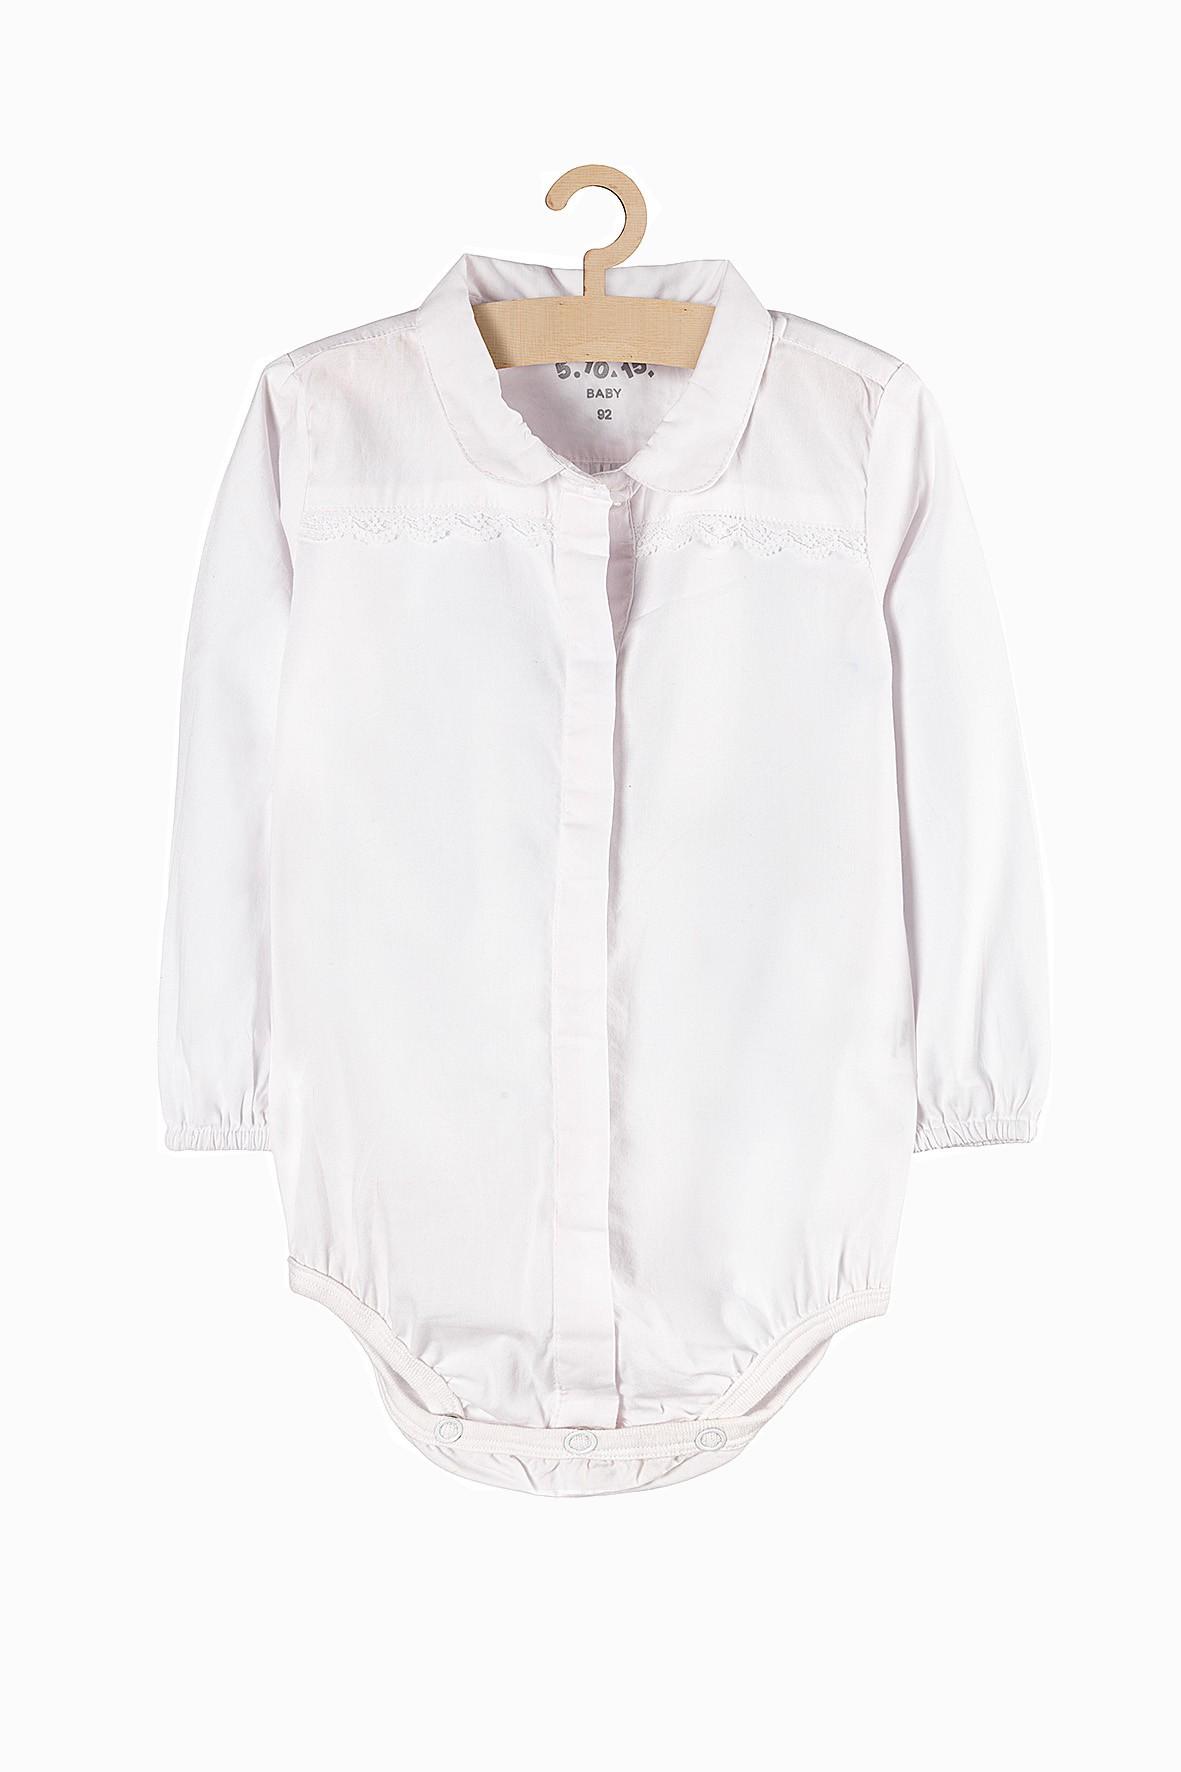 Body niemowlęce białe koszulowe dla dziewczynki